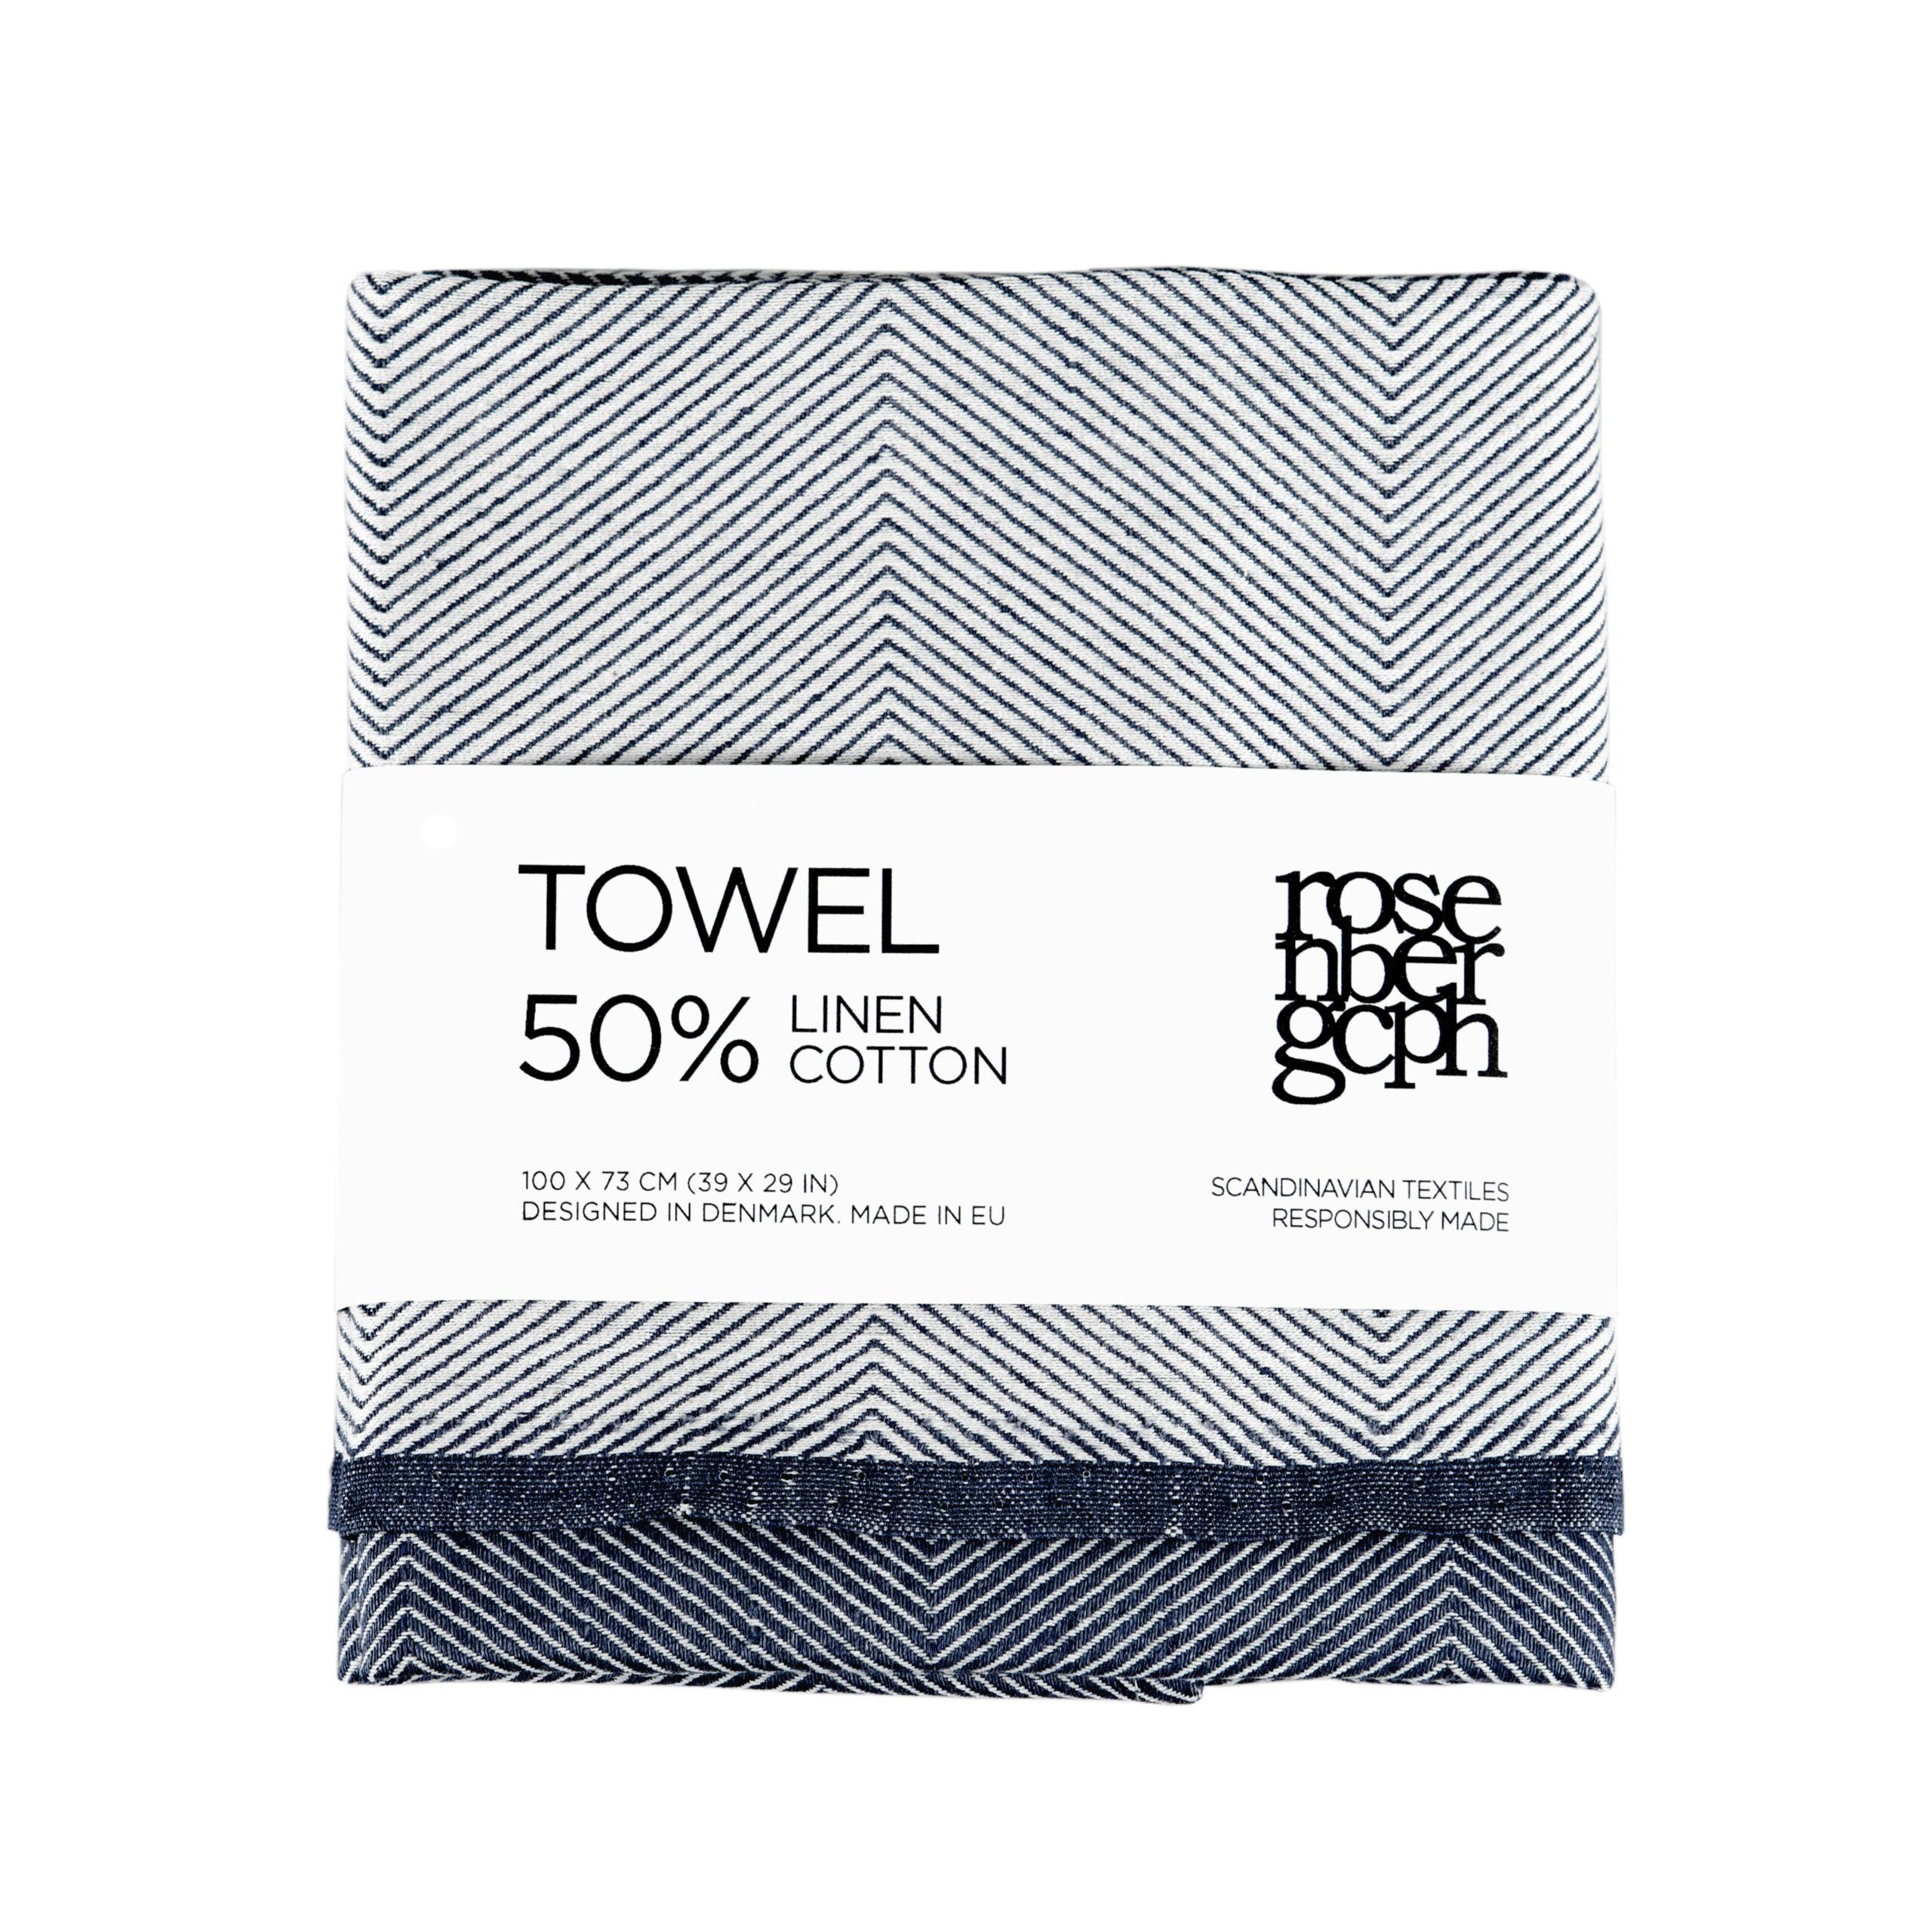 Towel, Indigo, linen/cotton, design by Anne Rosenberg, RosenbergCph